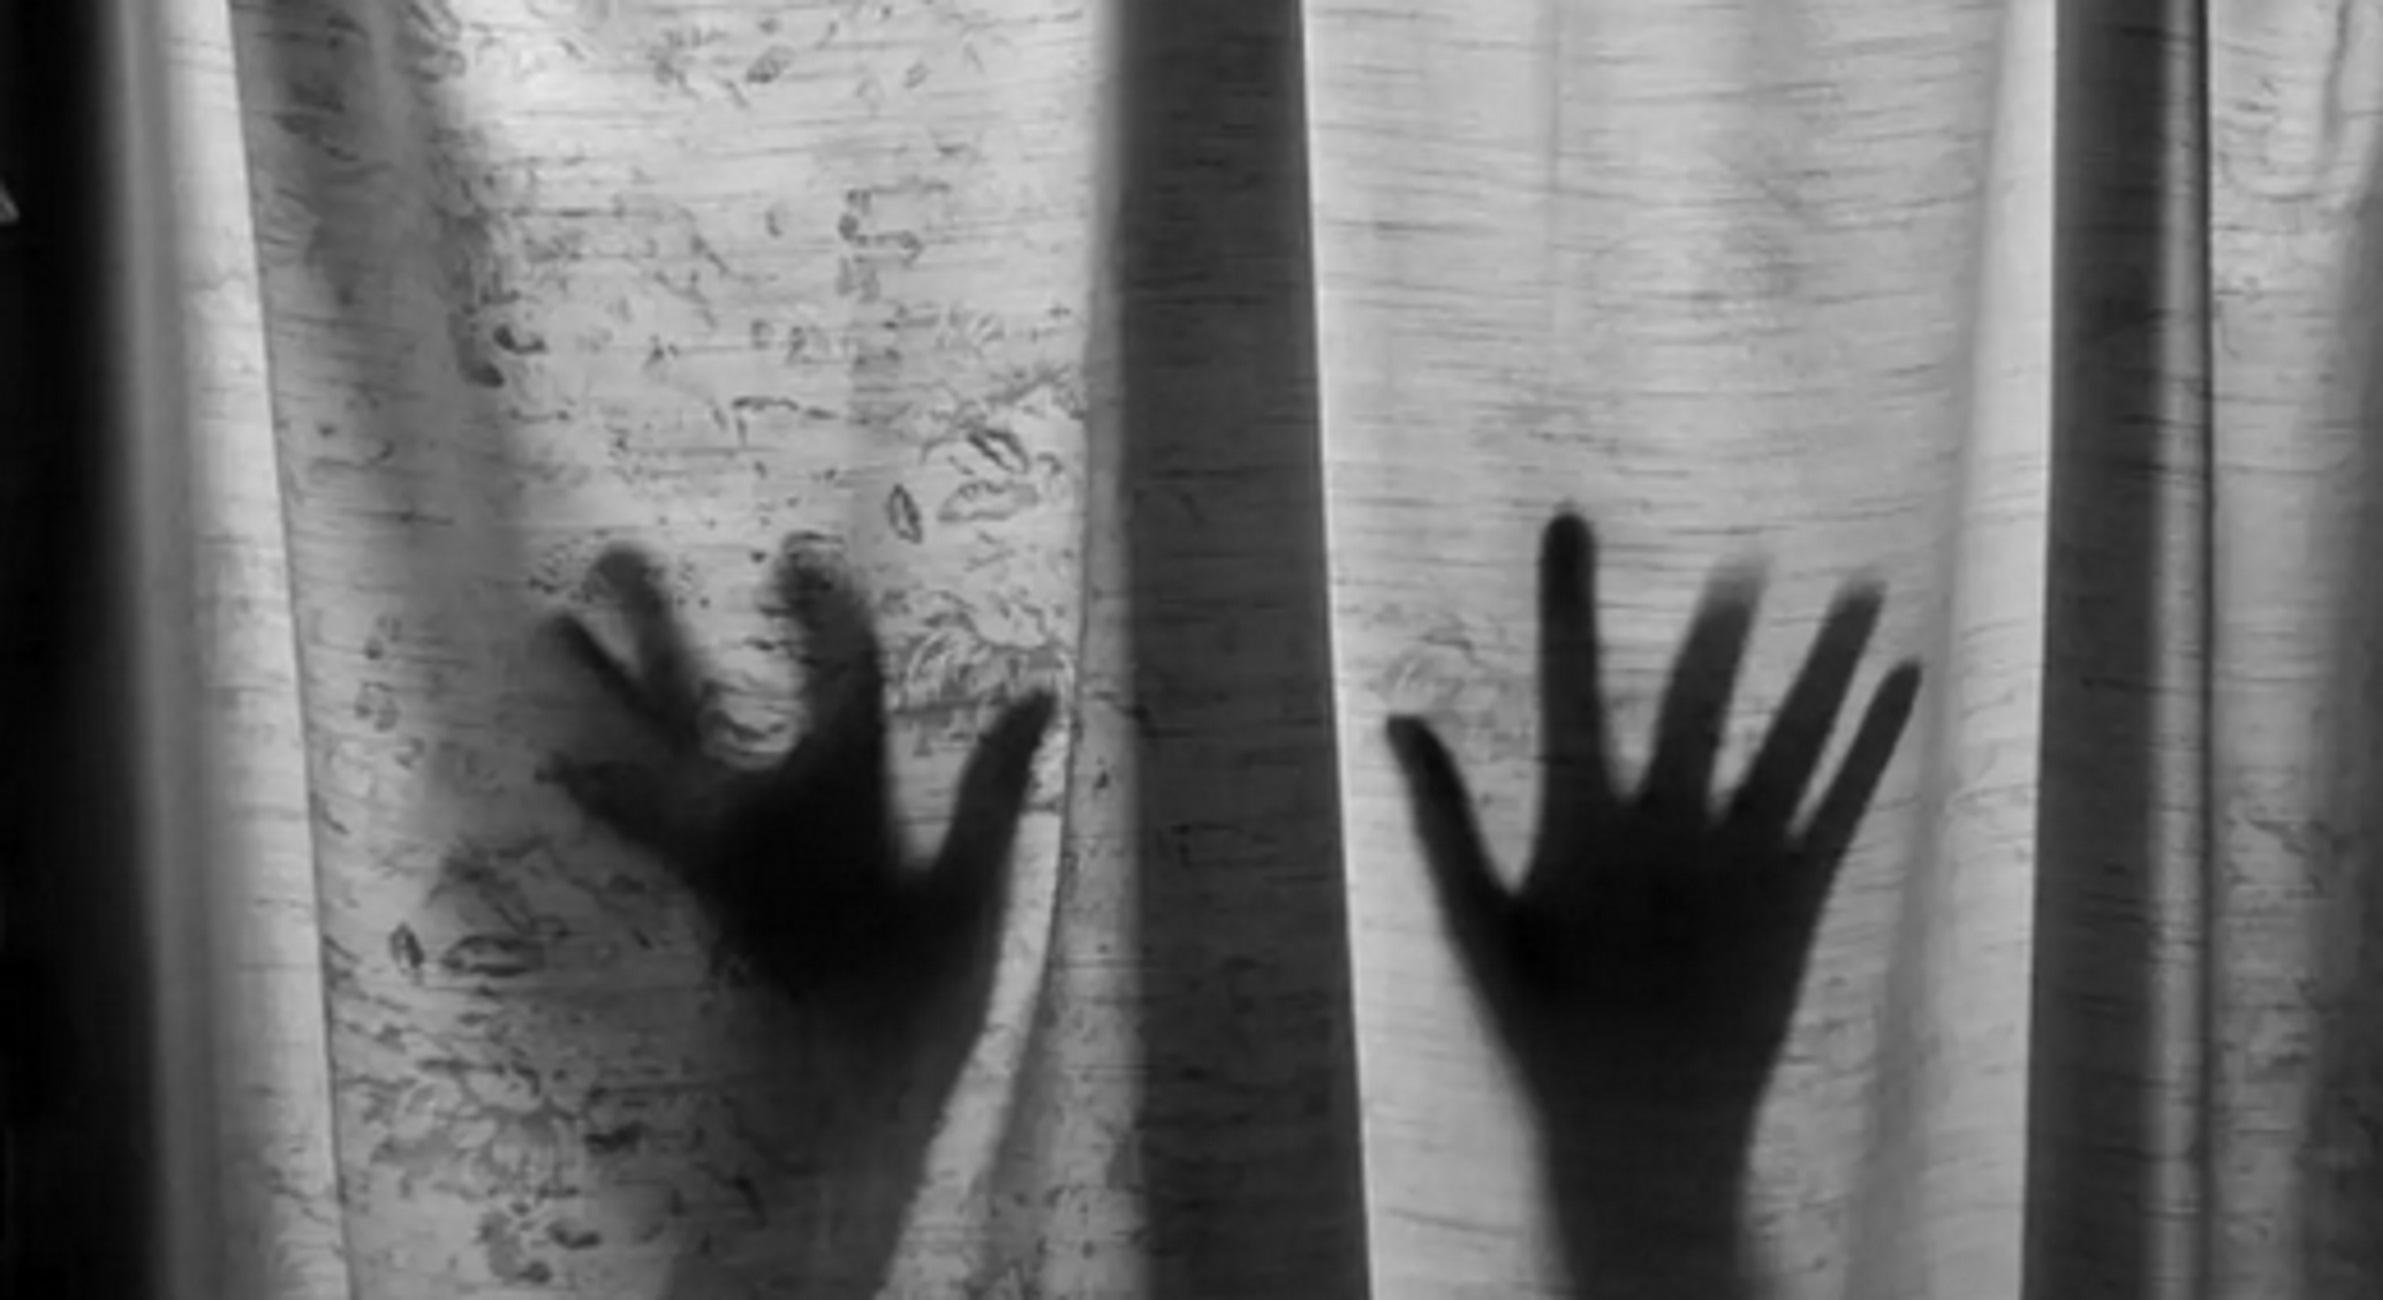 Φωκίδα: Πατέρας βίαζε την ανήλικη κόρη του μπροστά στα αδέρφια της